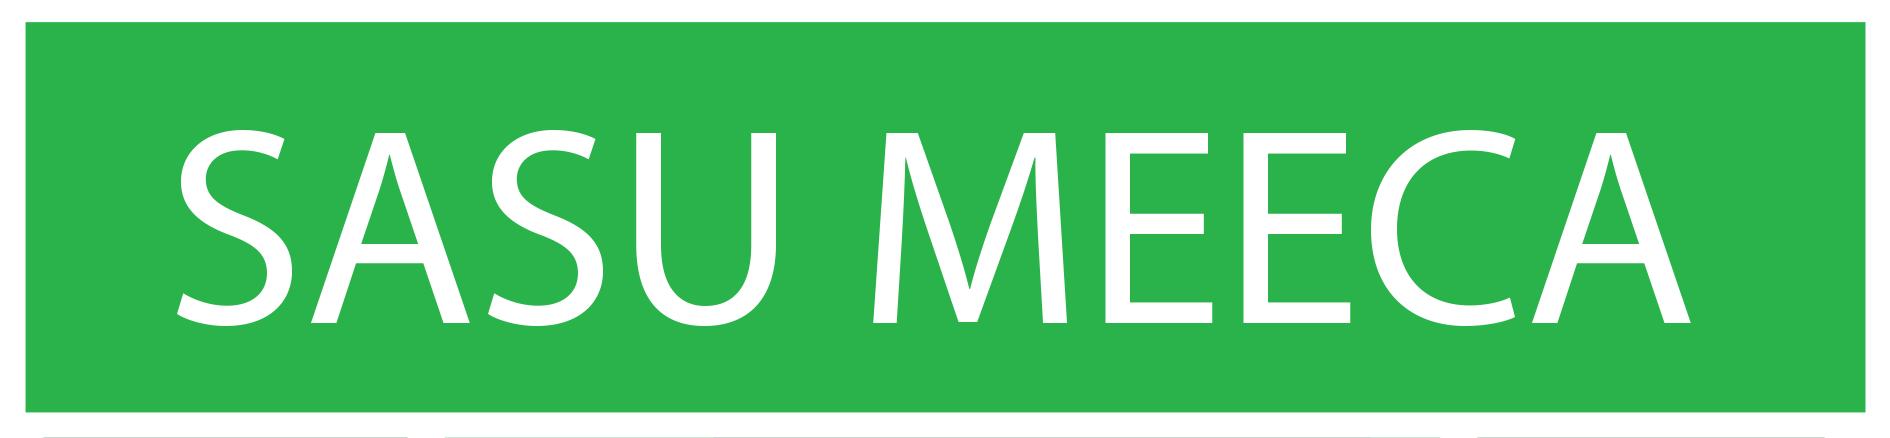 SASU-MEECA